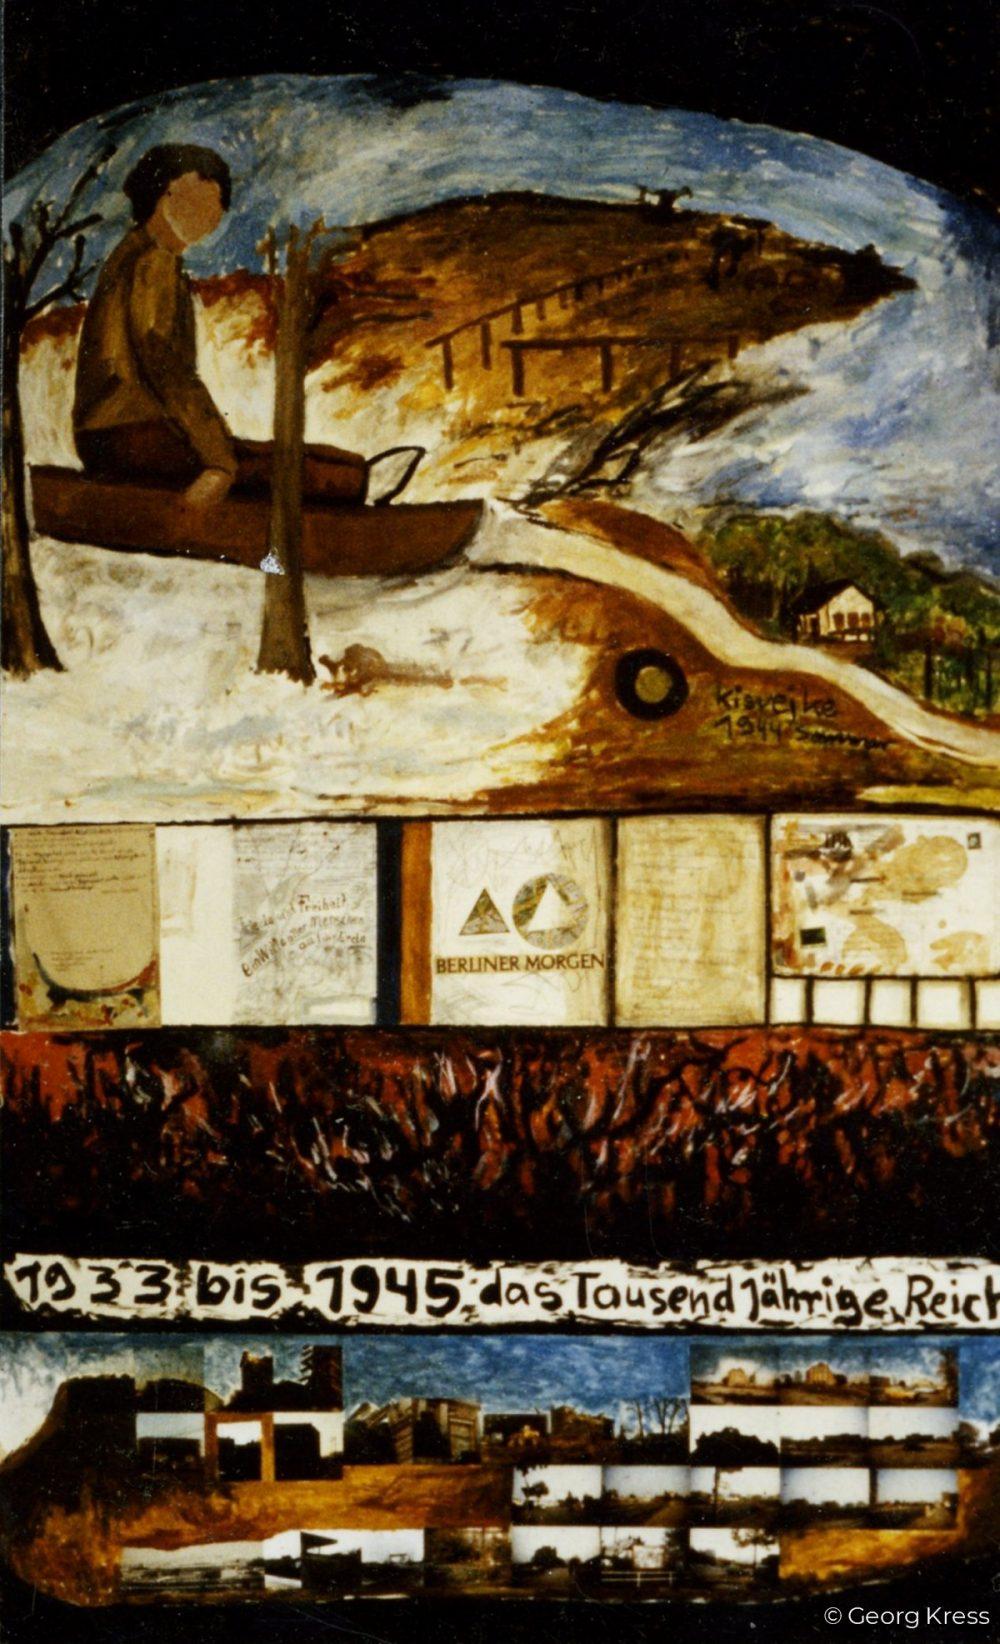 Erinnerung aus der Kindheit - Das Tausendjährige Reich. 1989. Tempera, Öl auf Papier, Holz.